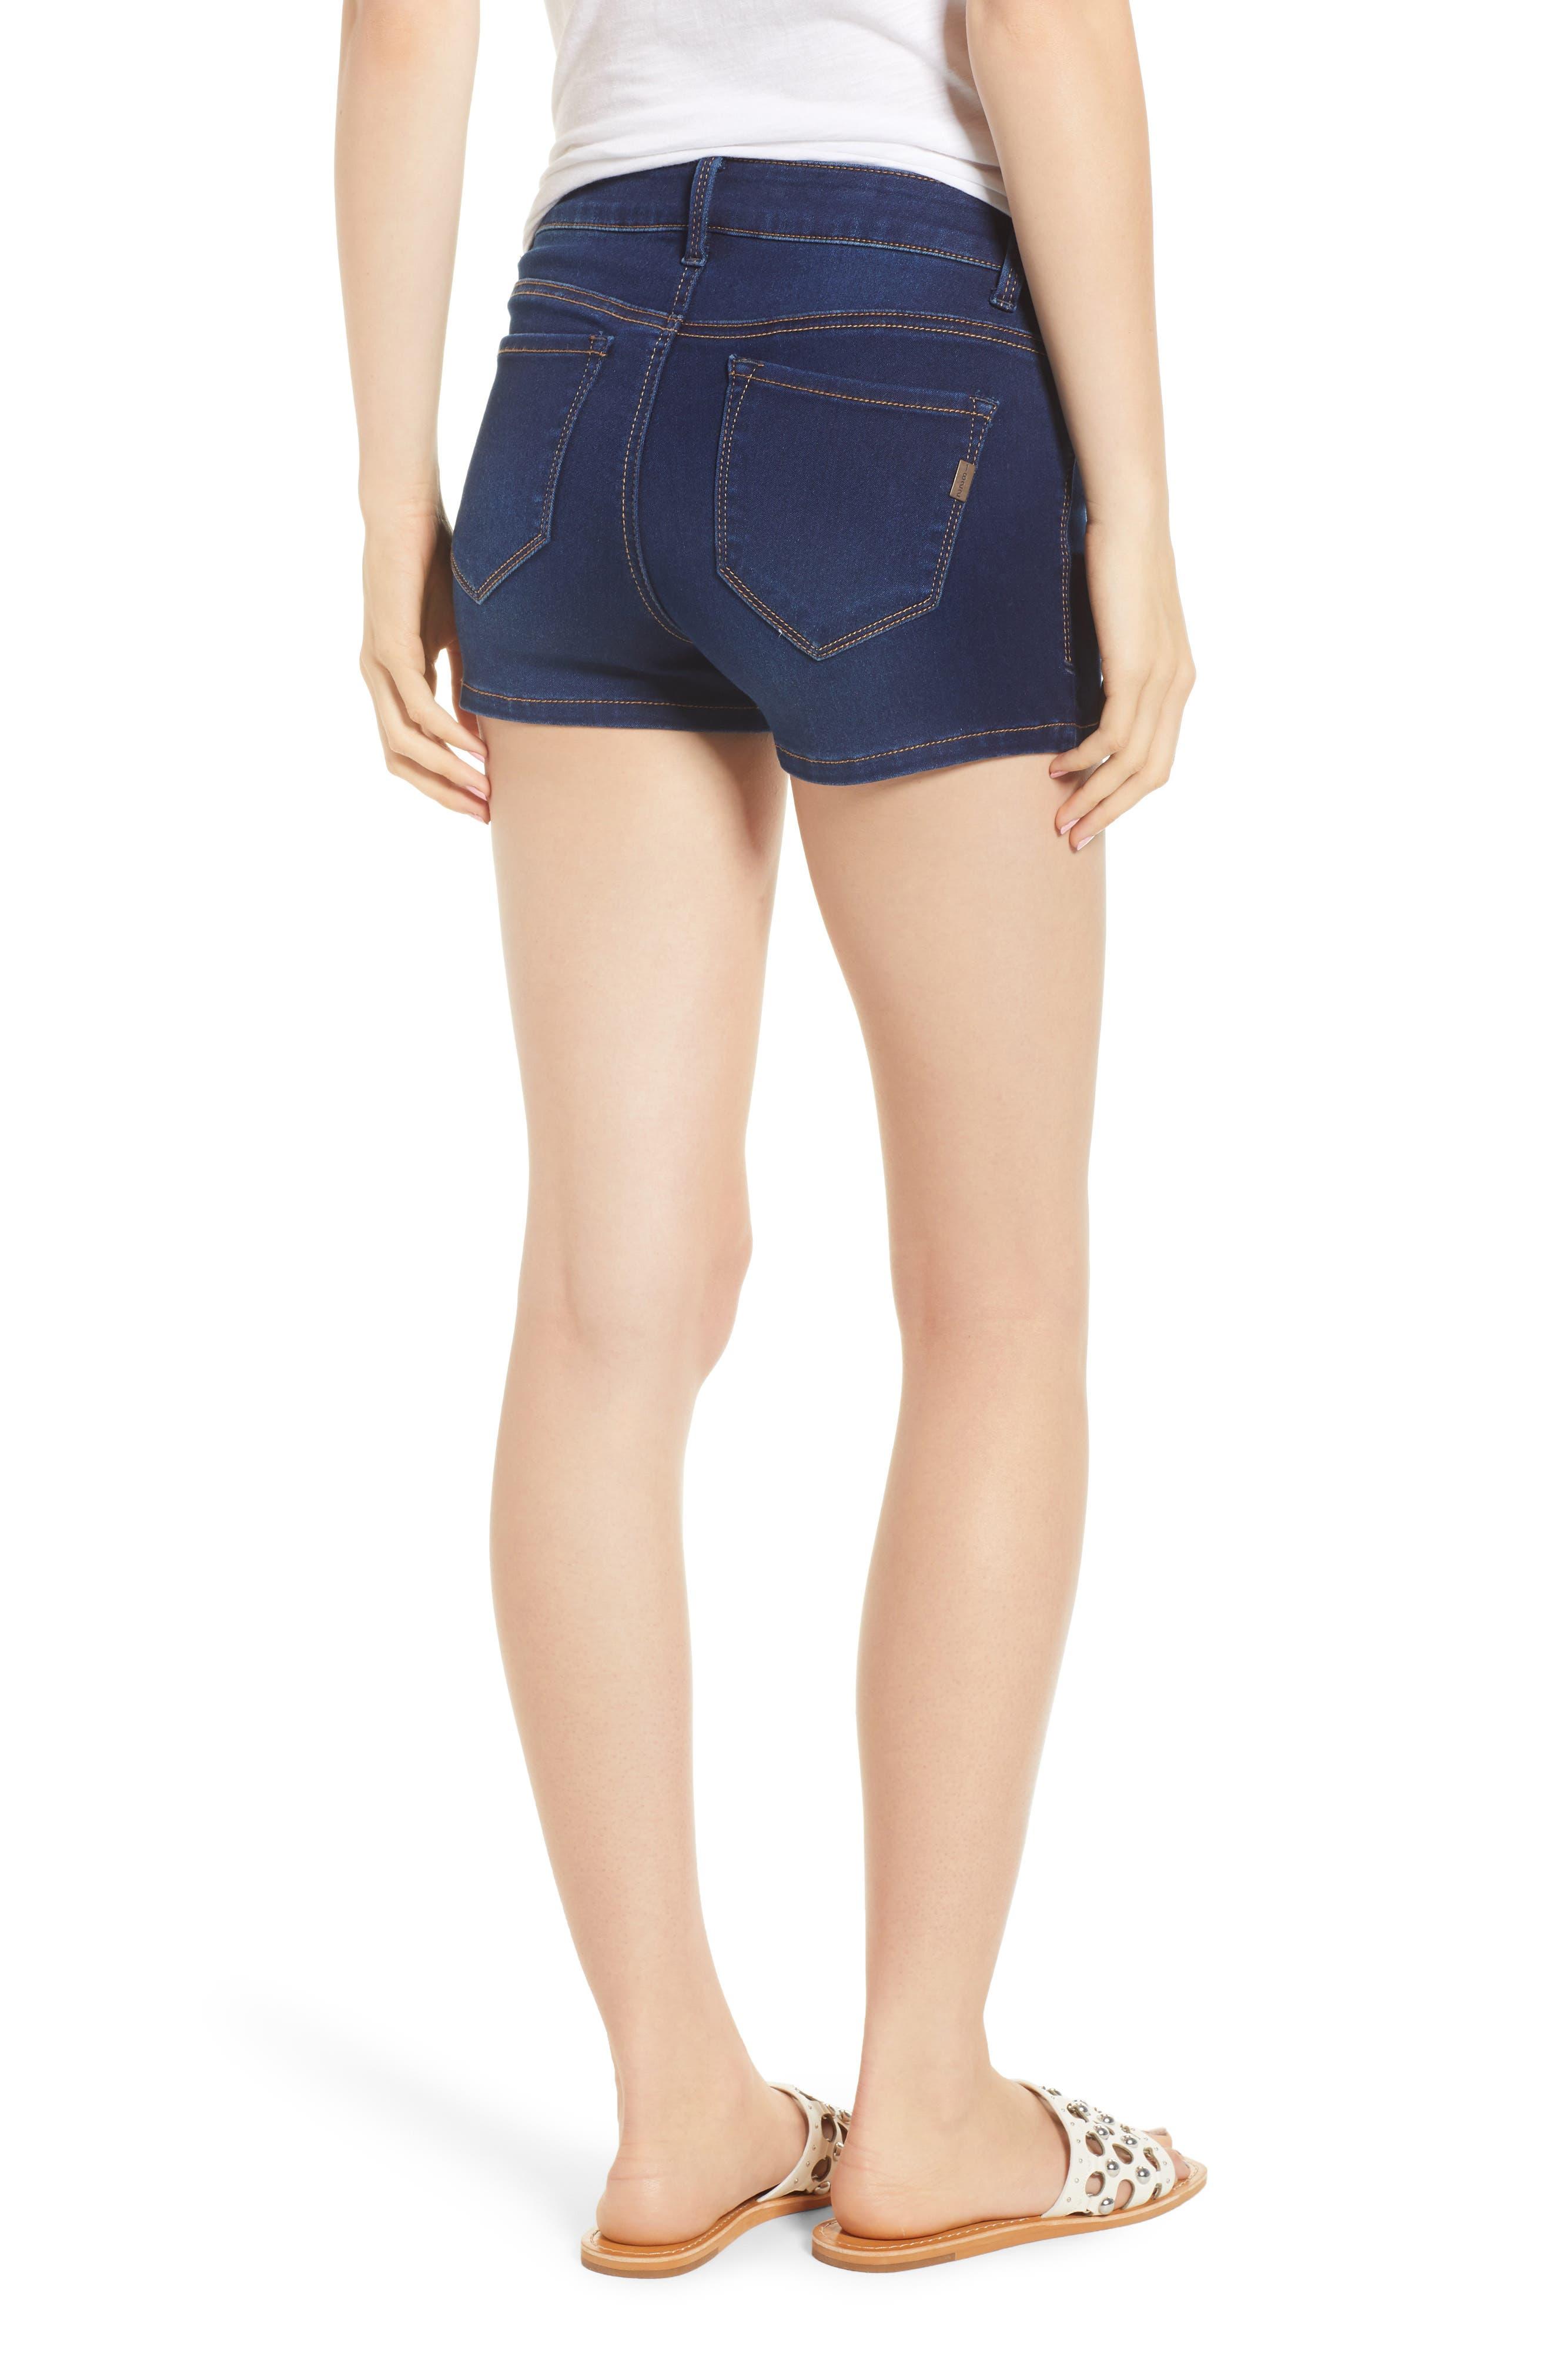 Butter Denim Shorts,                             Alternate thumbnail 2, color,                             LENNOX